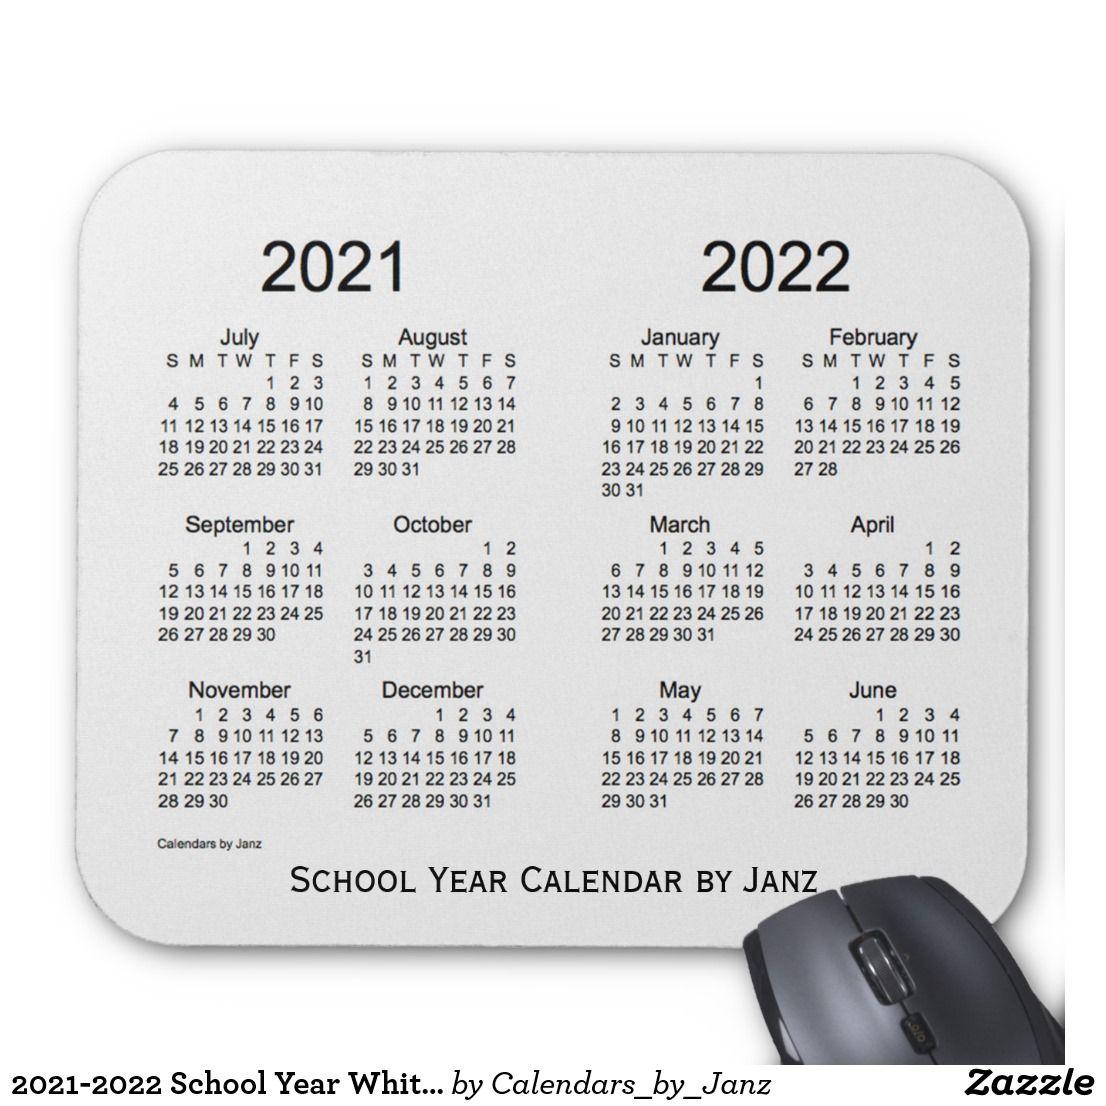 School Year White Smoke Calendar by Janz Mouse